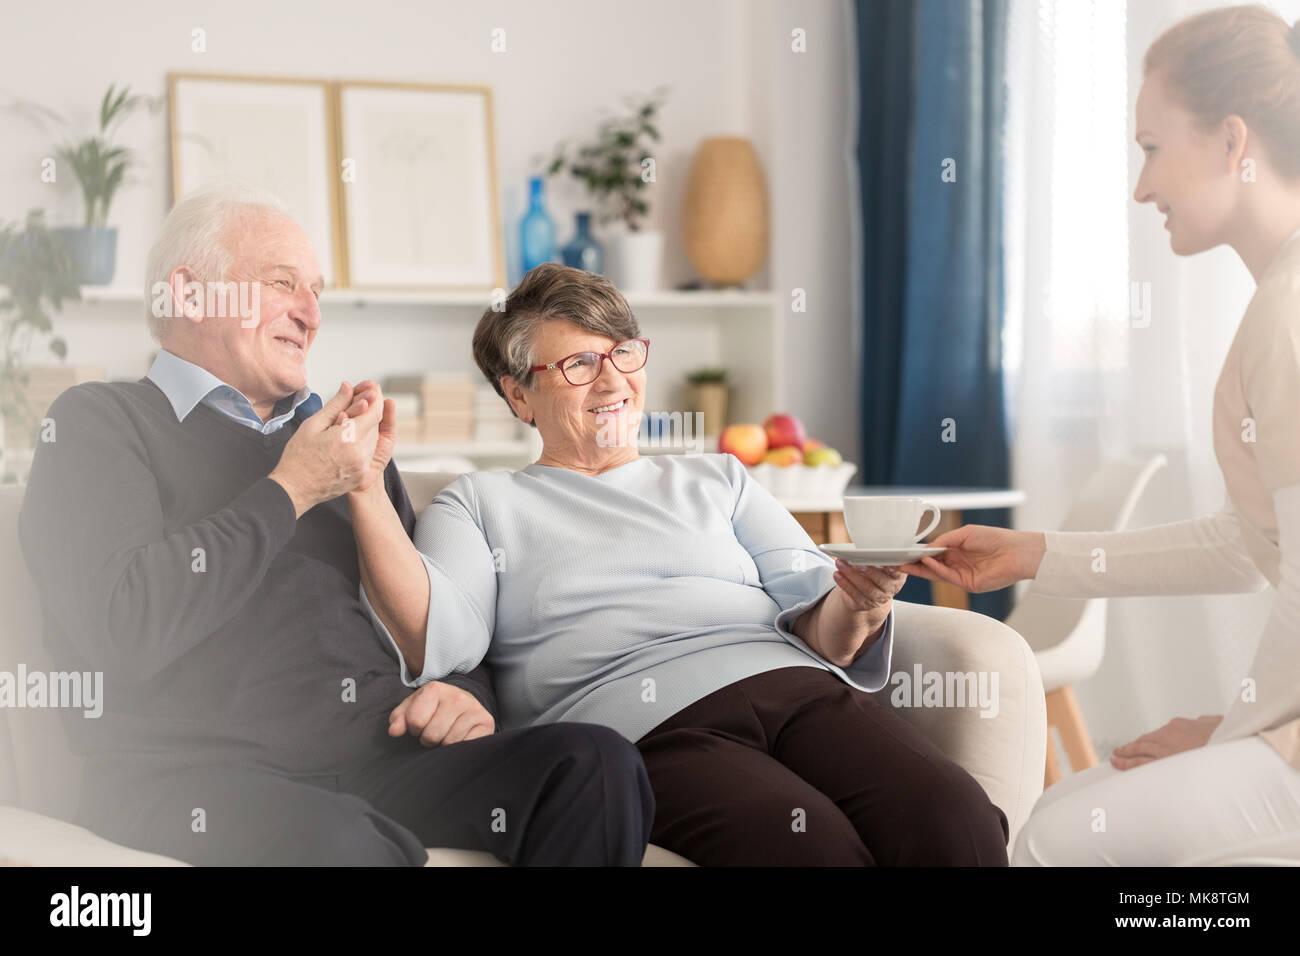 Jóvenes de corazón emocional pareja senior manos mientras está sentado en el sofá y ser atendidos por un cuidador de una taza de té en un soleado salón en ho Imagen De Stock